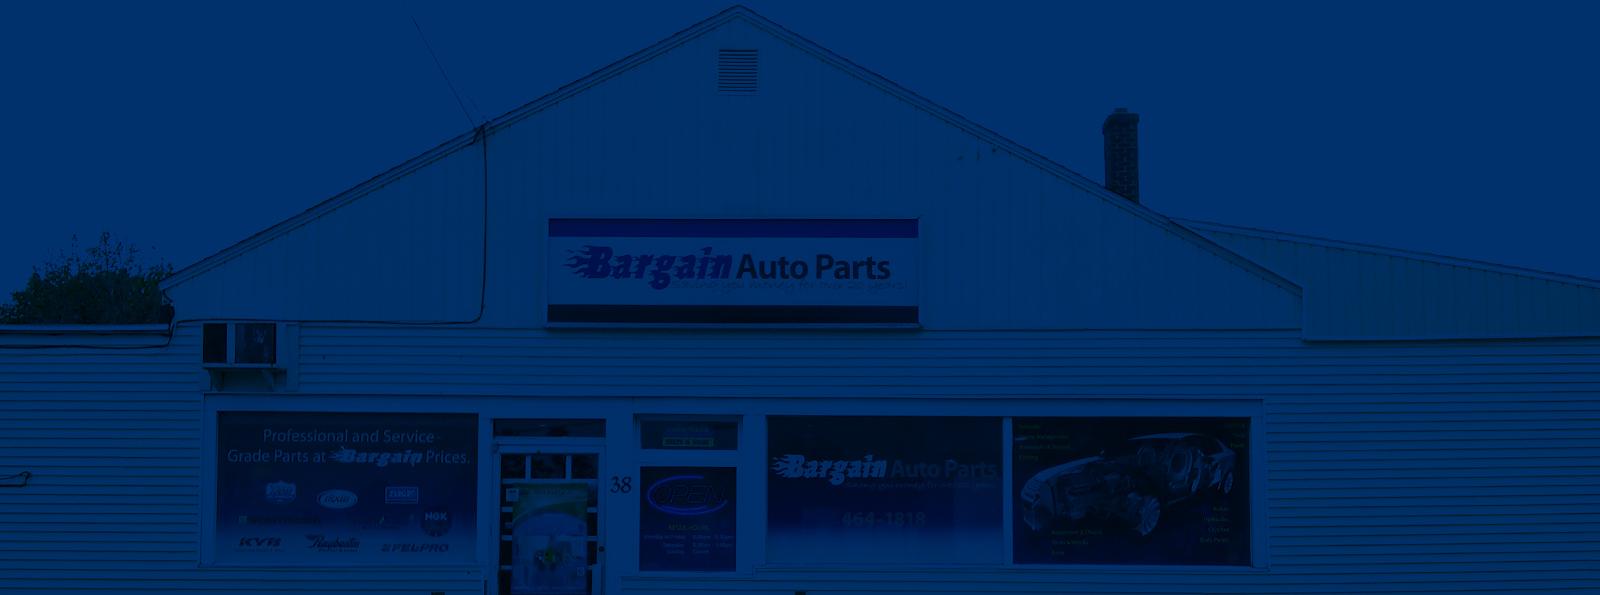 bargain_autoparts-121115